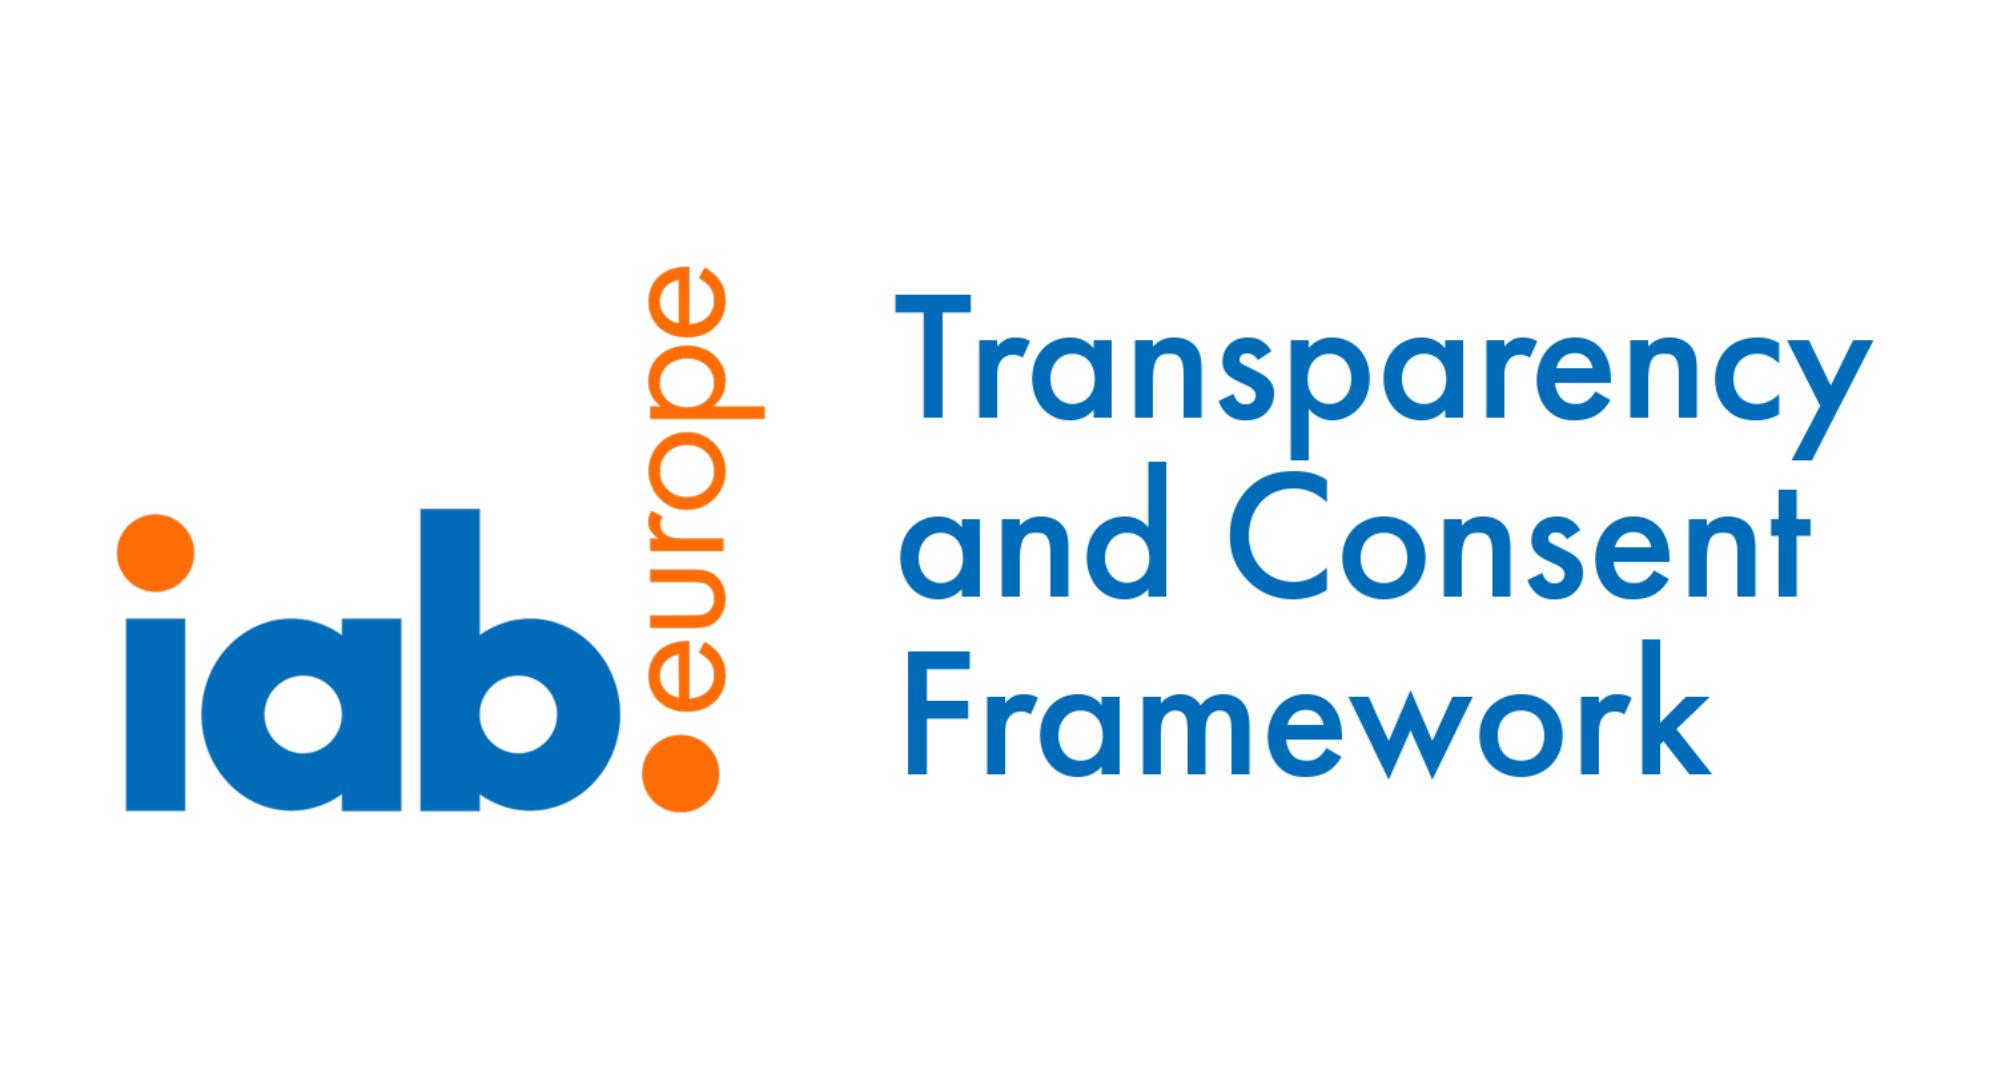 Partito il periodo di Public Comment per il GDPR Transparency & Consent Framework Version 2.0 di IAB Europe